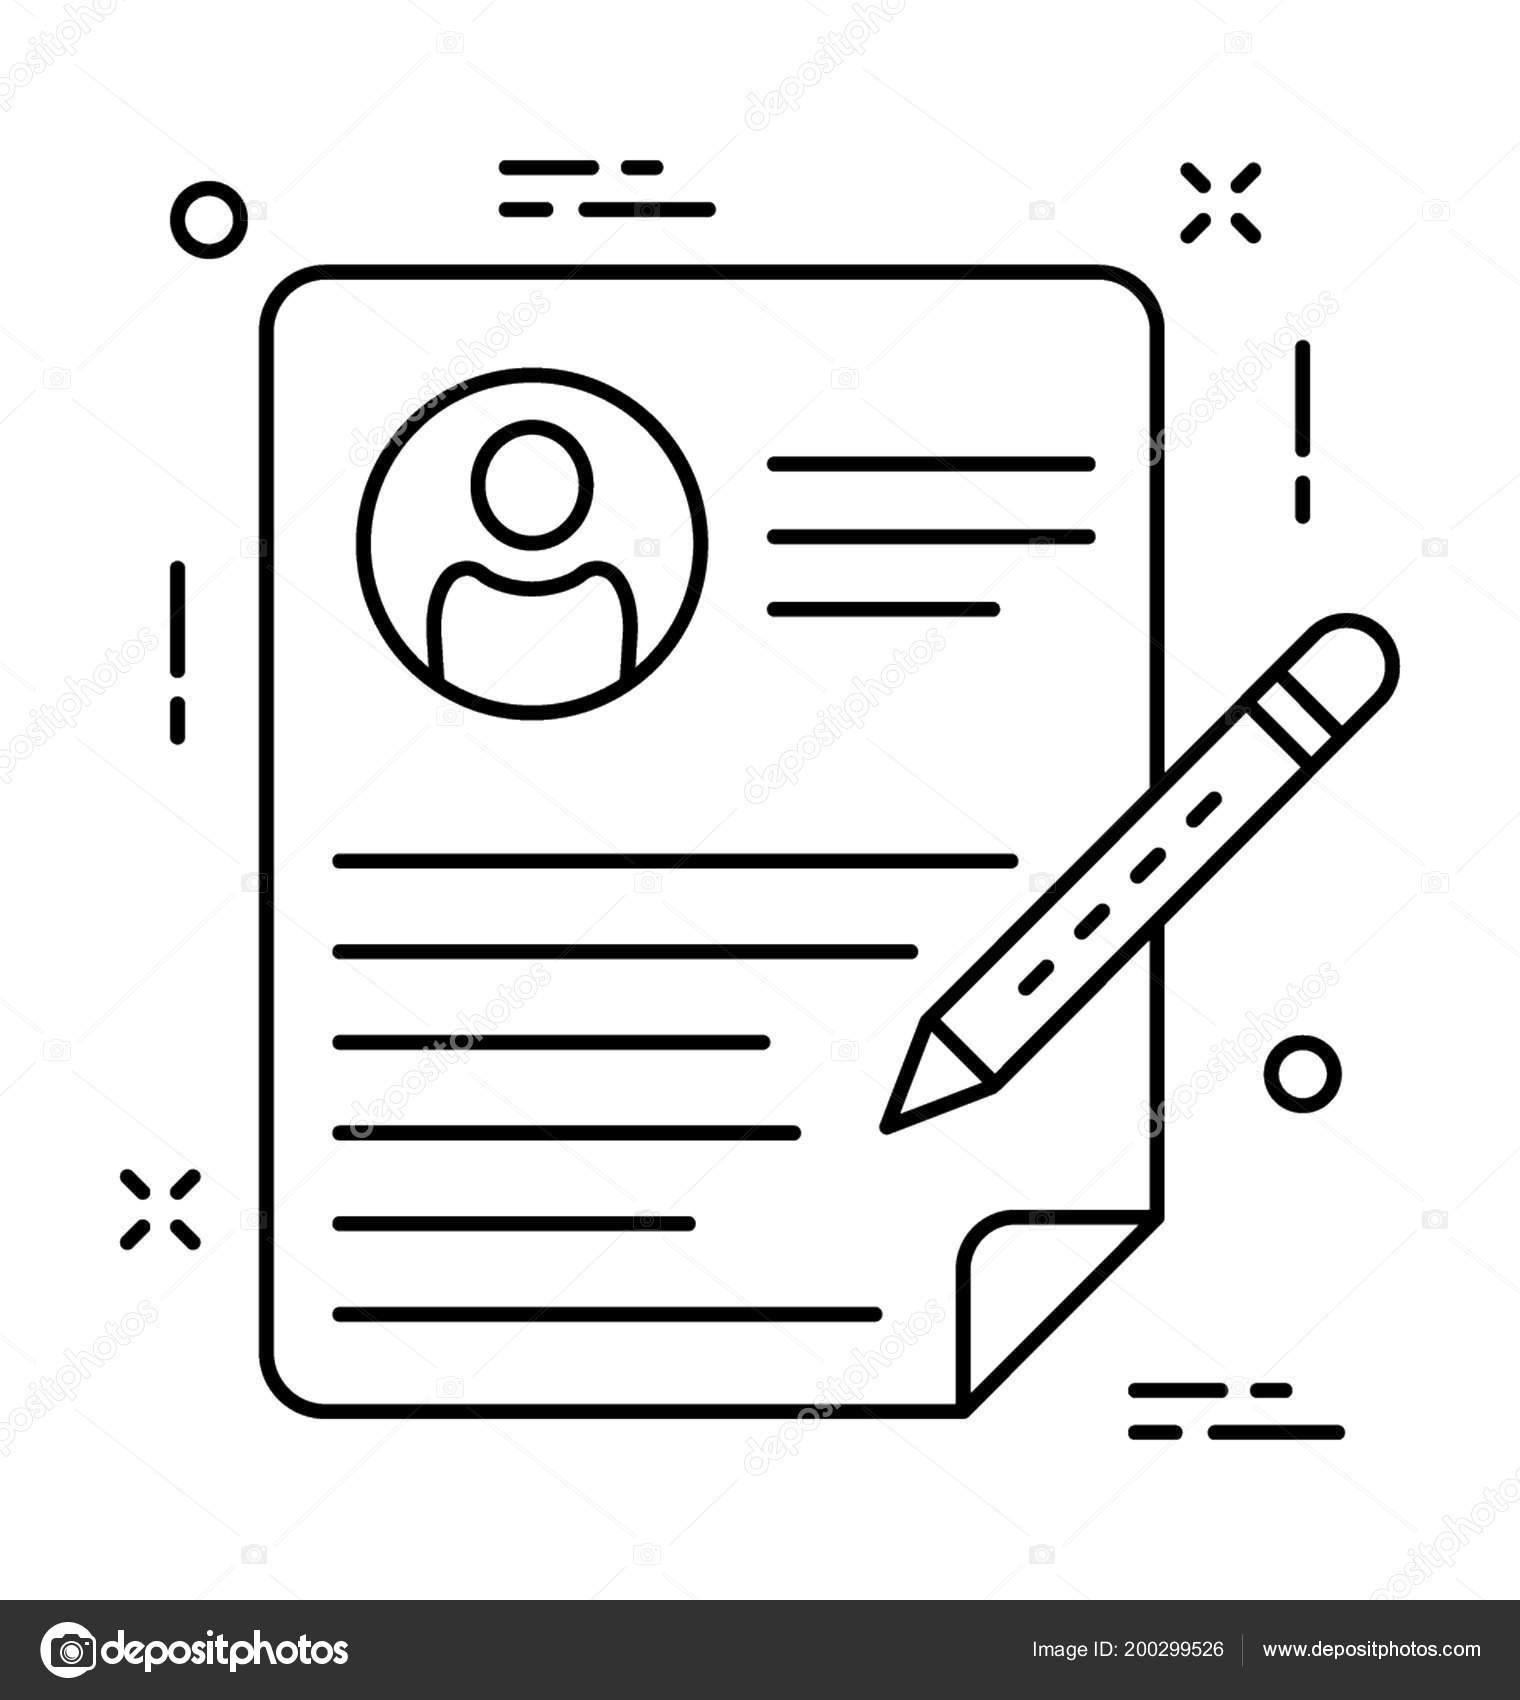 Reanudar Escritura Línea Vector Icono — Archivo Imágenes Vectoriales ...